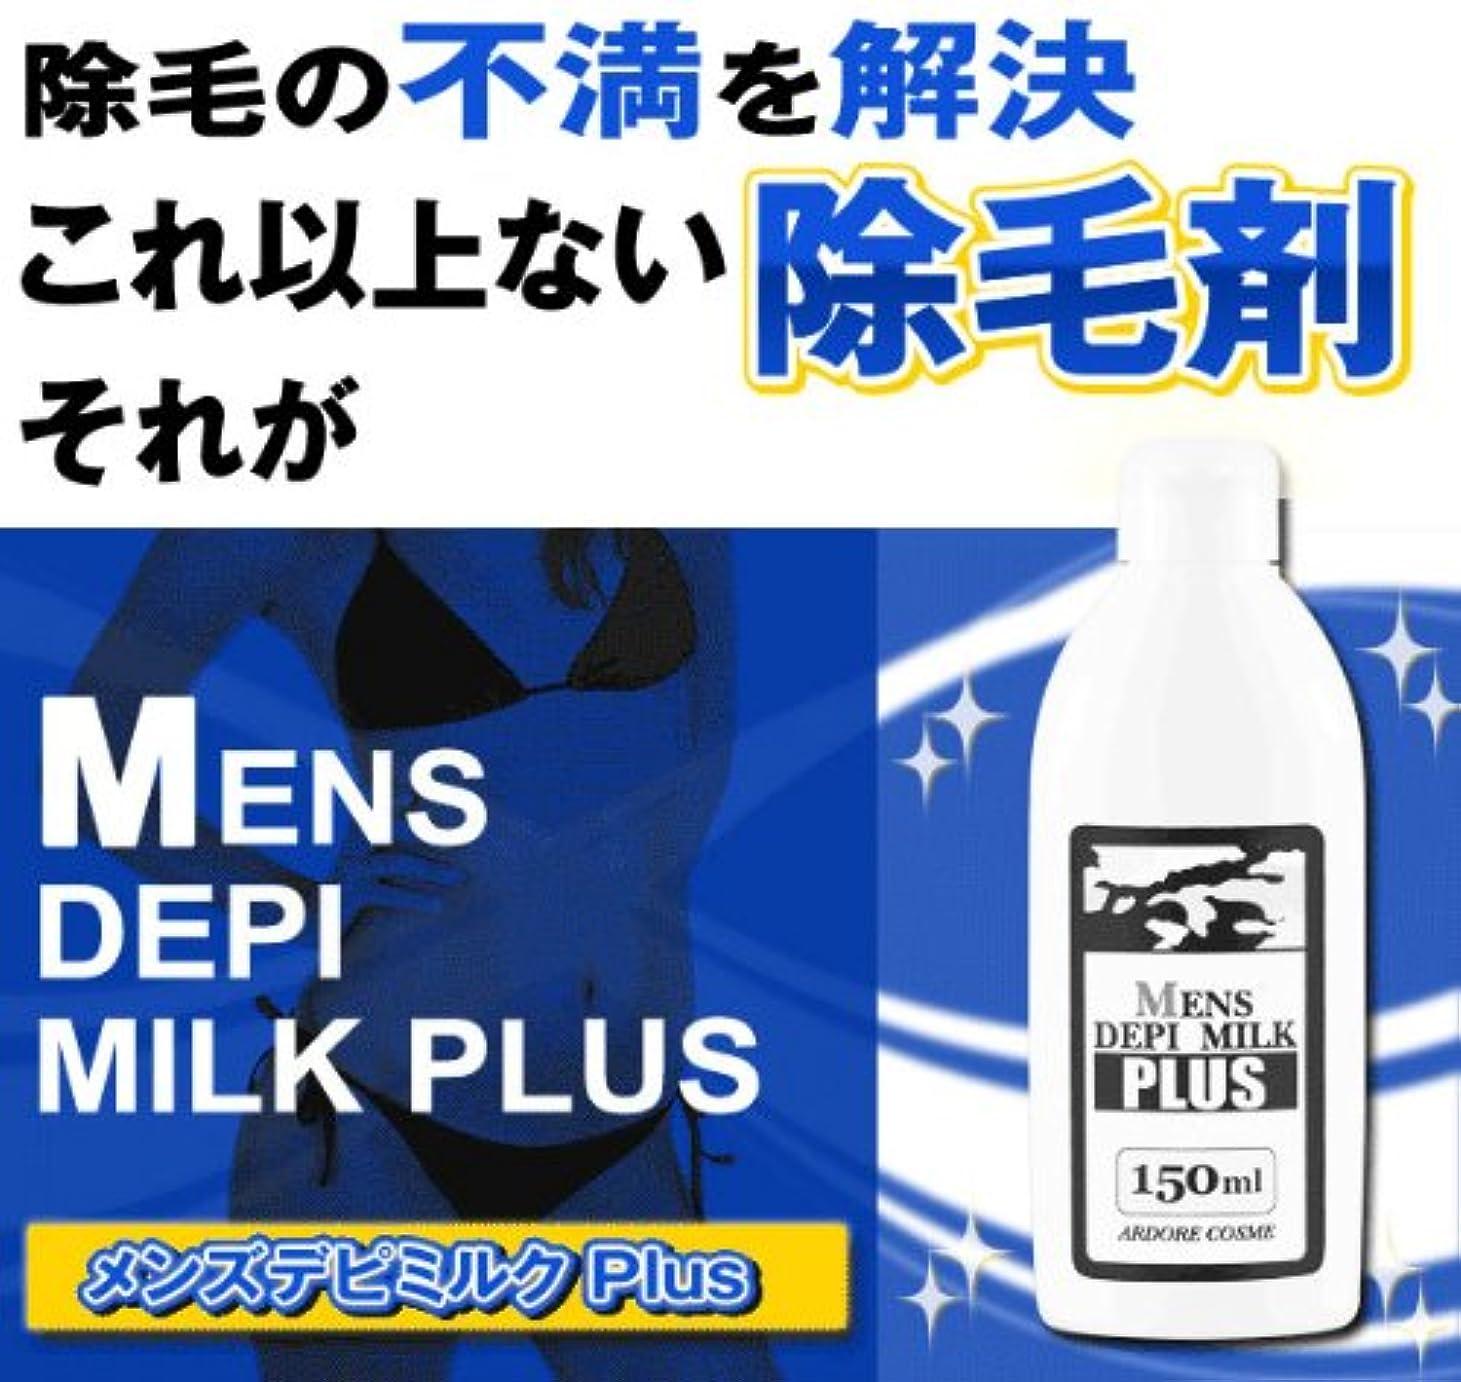 生き残り慣らすシェーバー薬用メンズデピミルクプラス 150ml(薬用除毛クリーム)医薬部外品